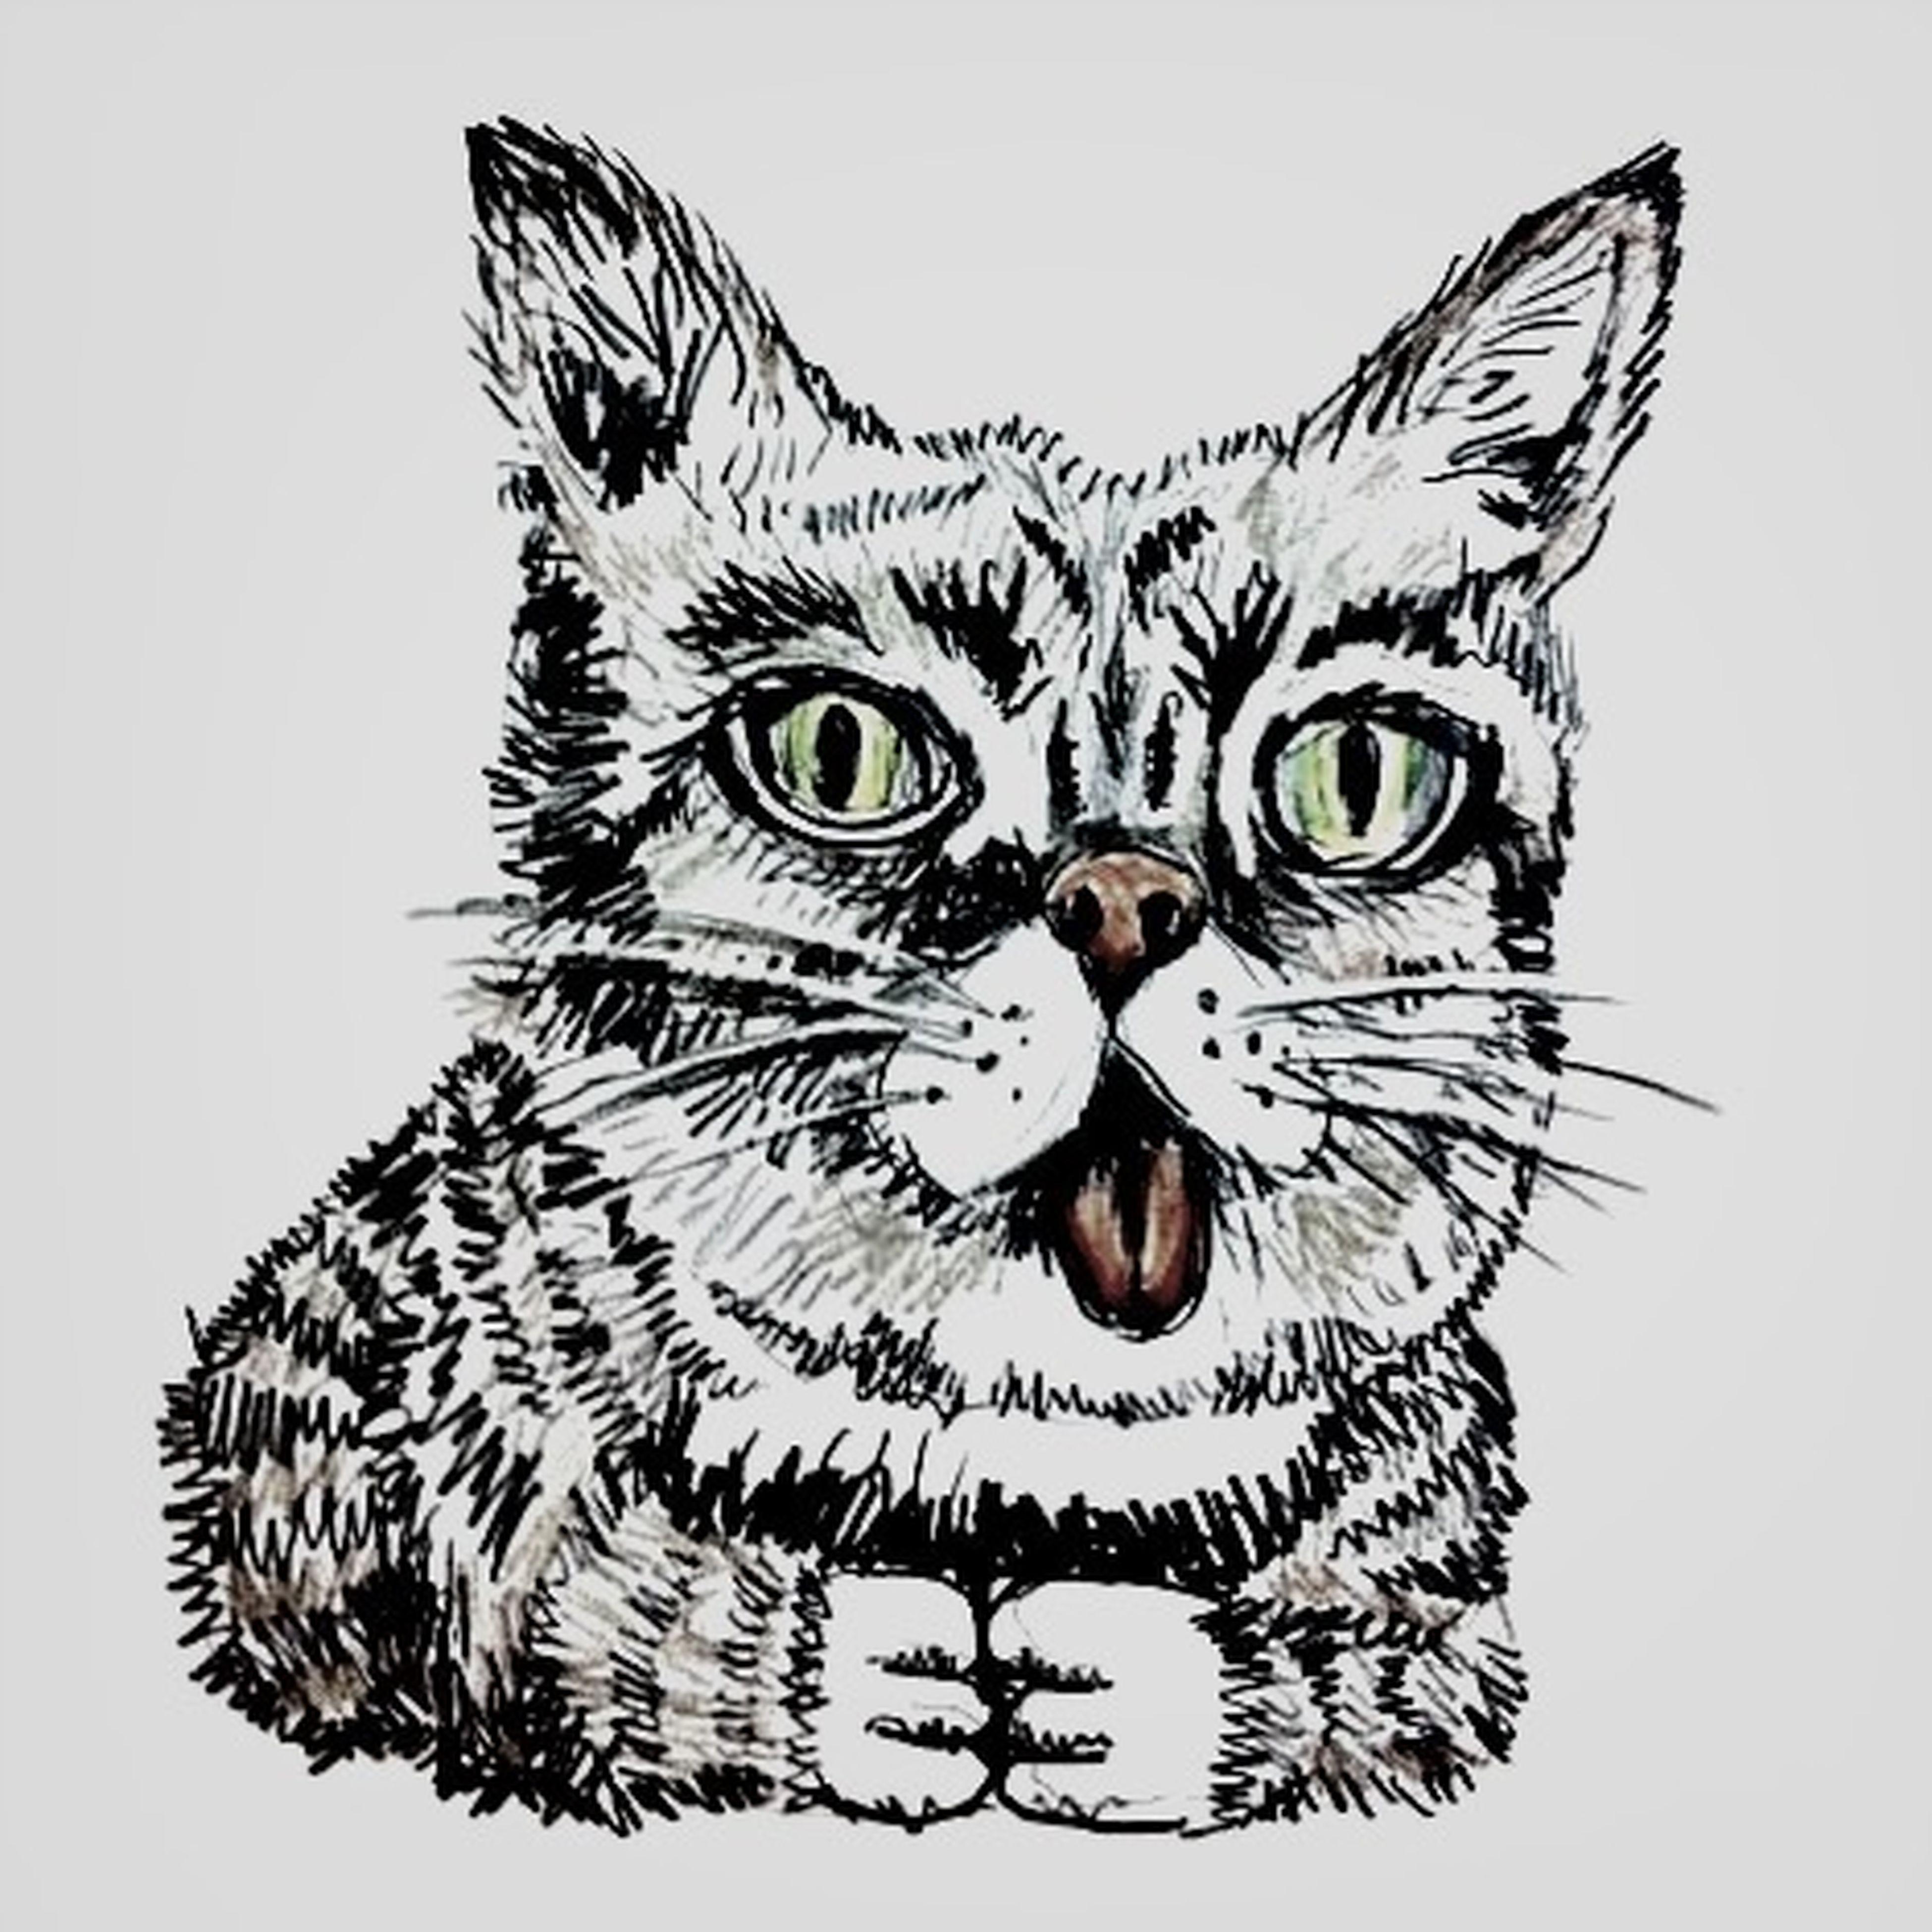 Catsoncatsoncats